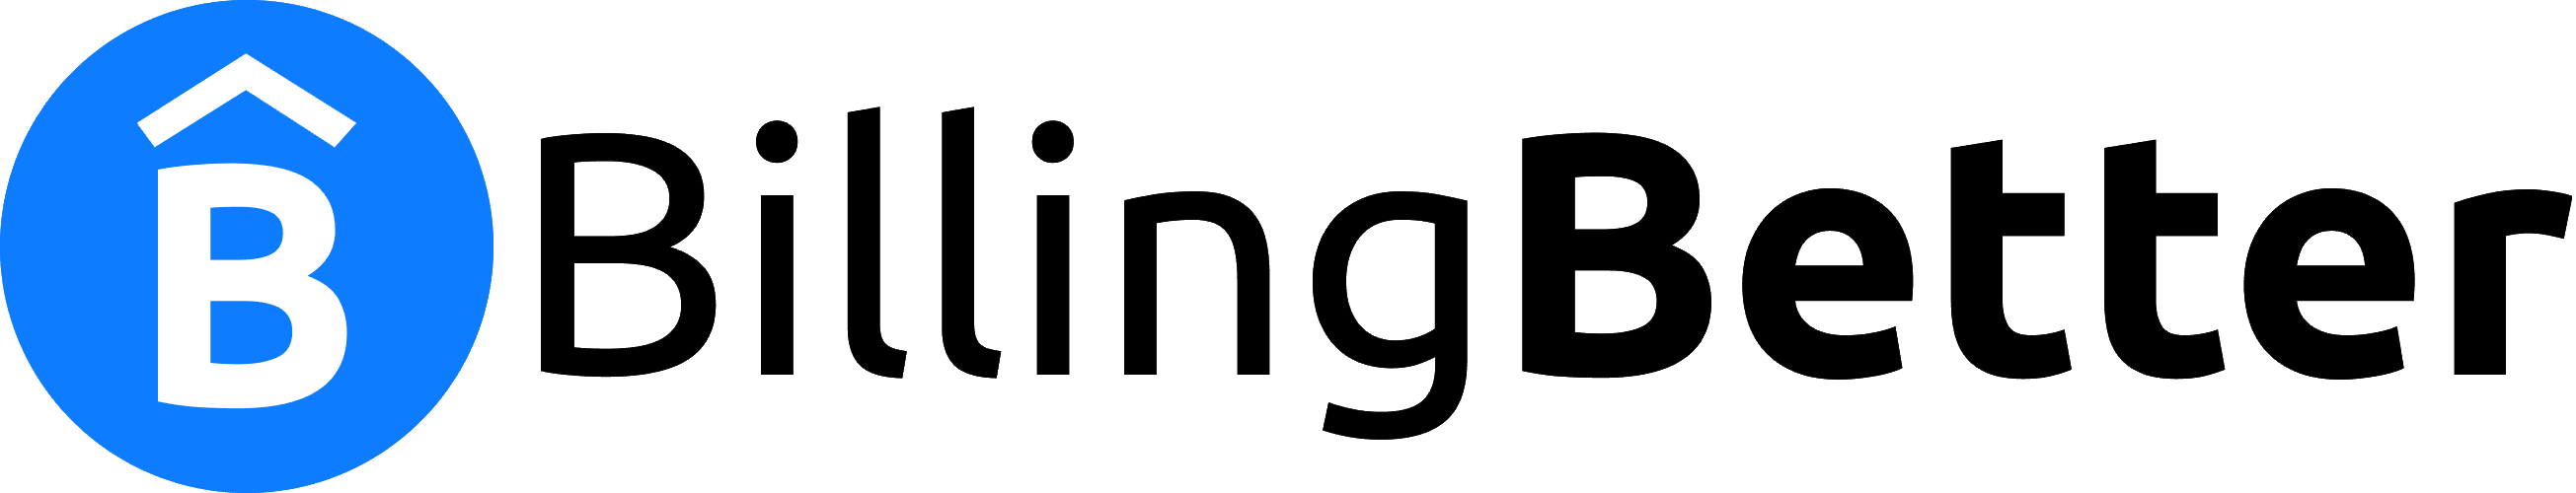 Billing Better Partner Test Logo